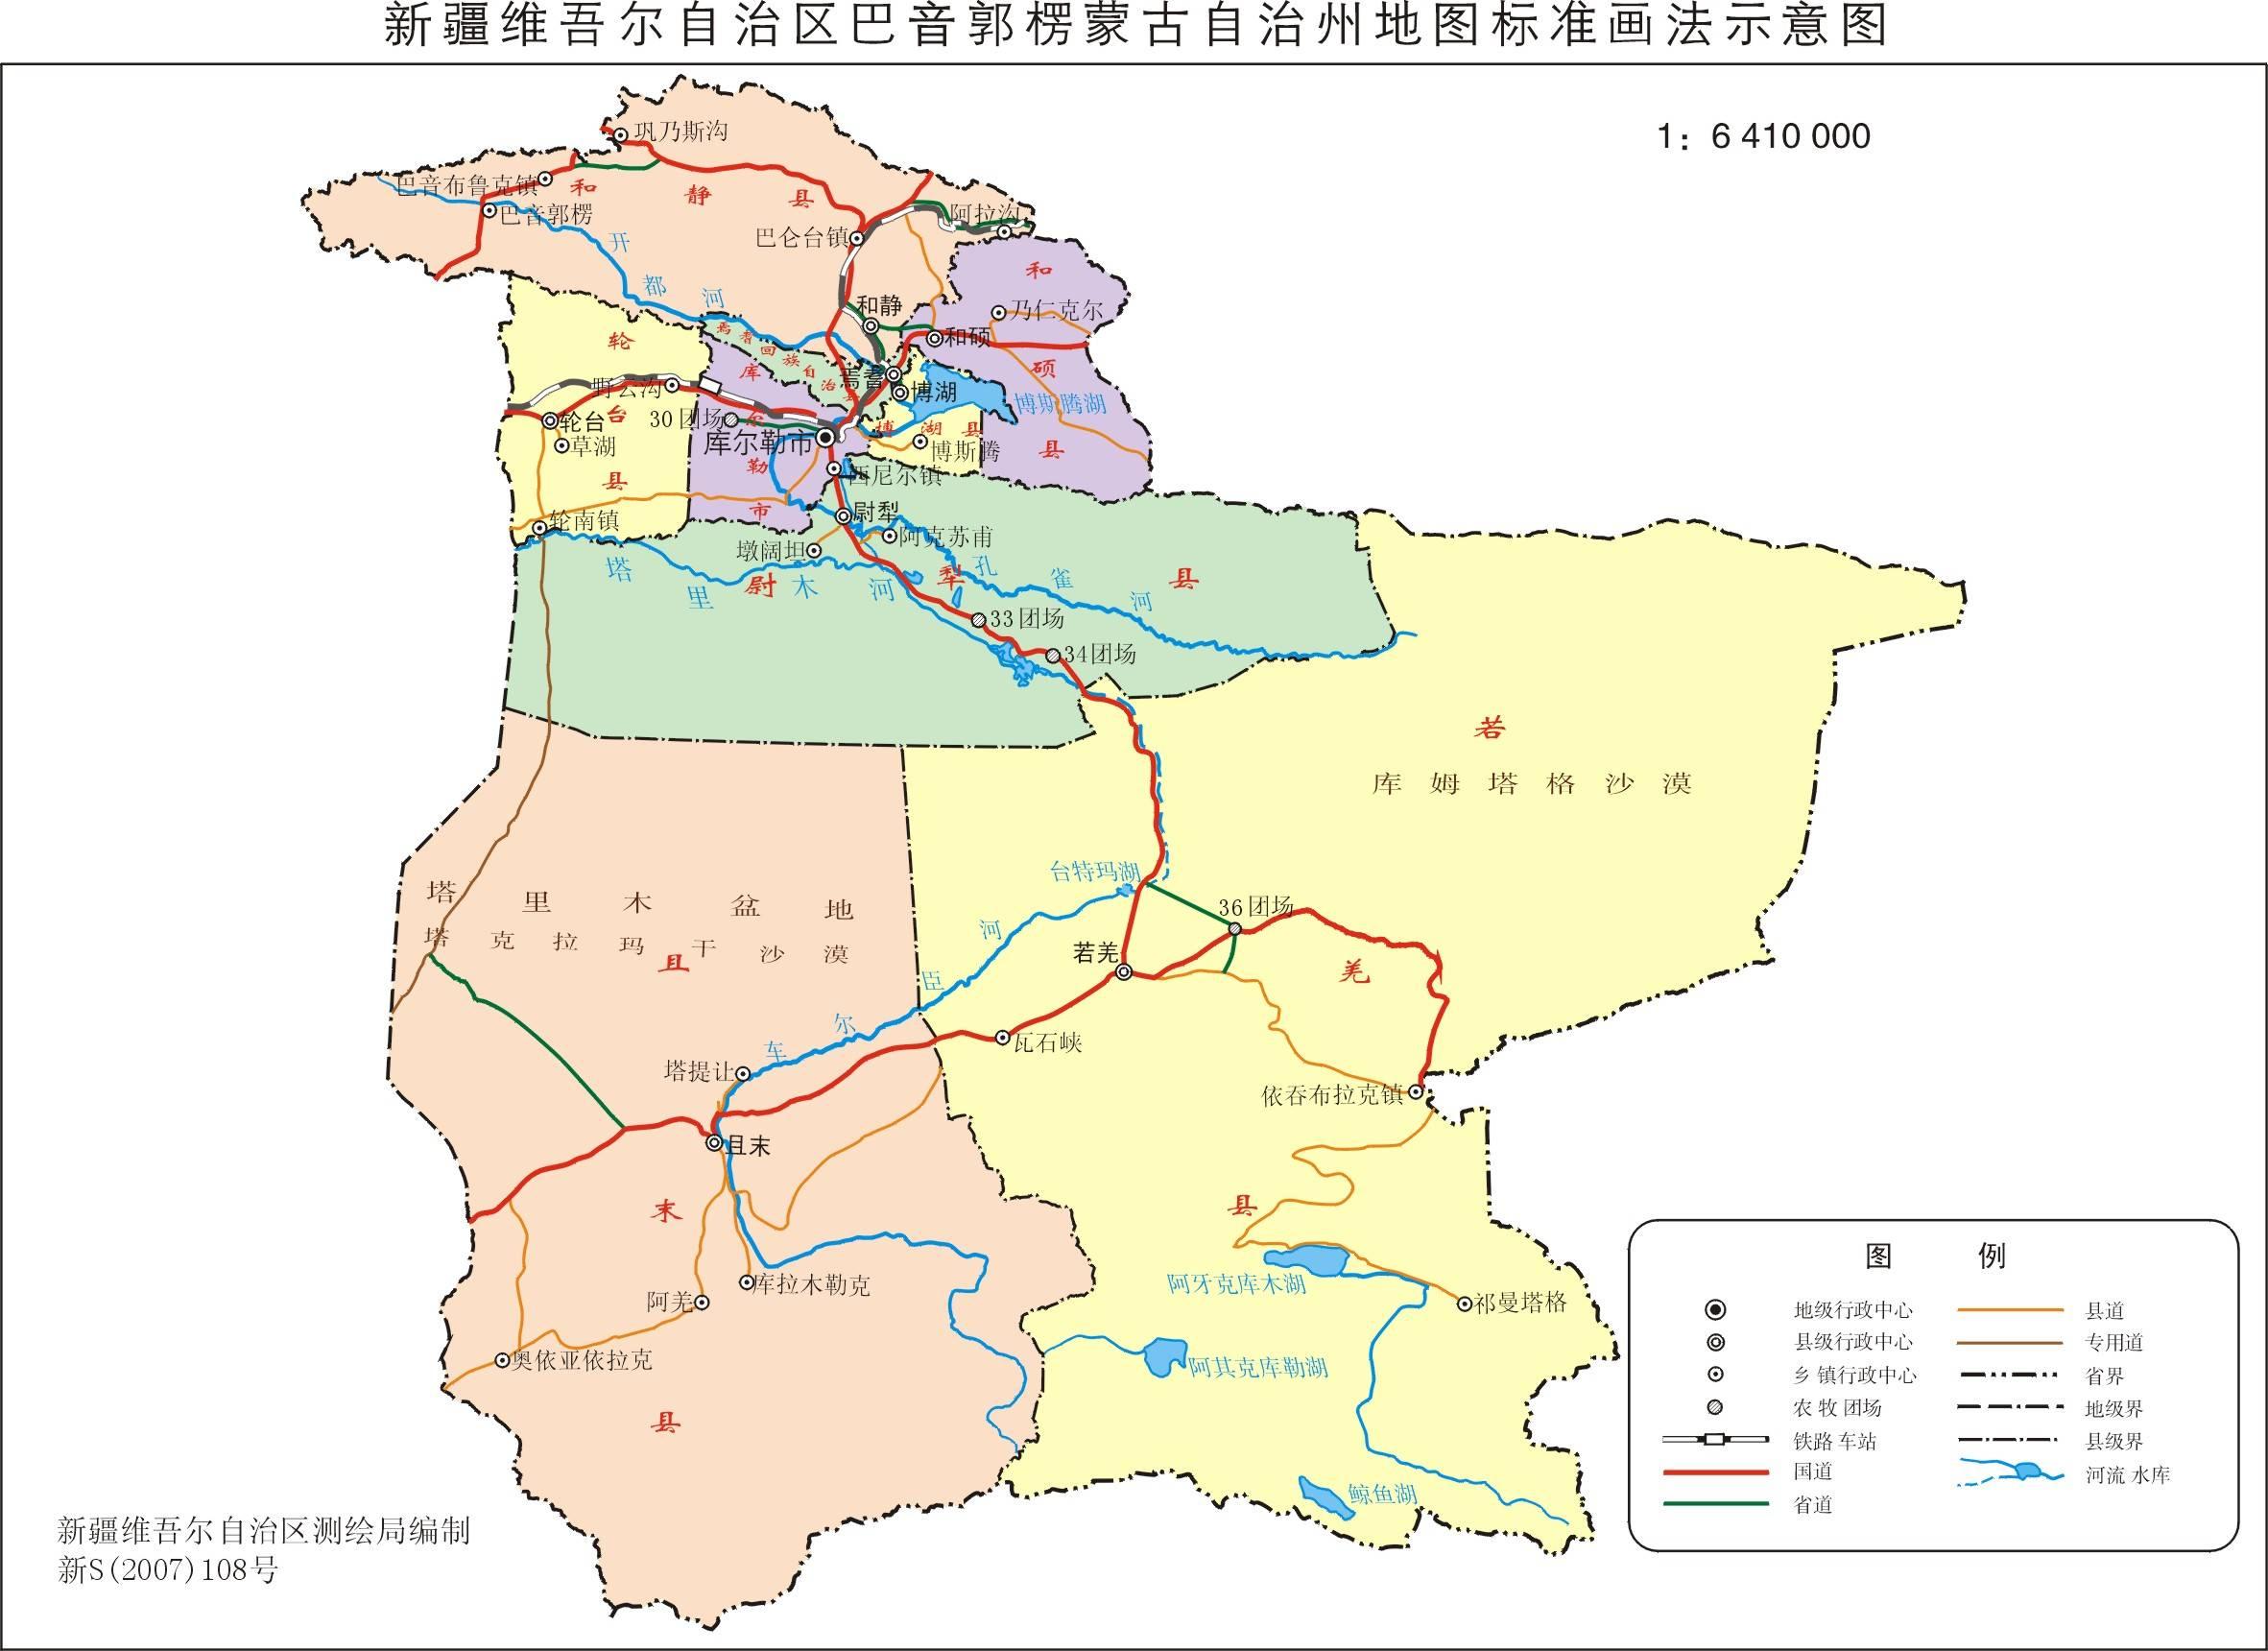 新疆巴音郭楞蒙古自治州政区地图